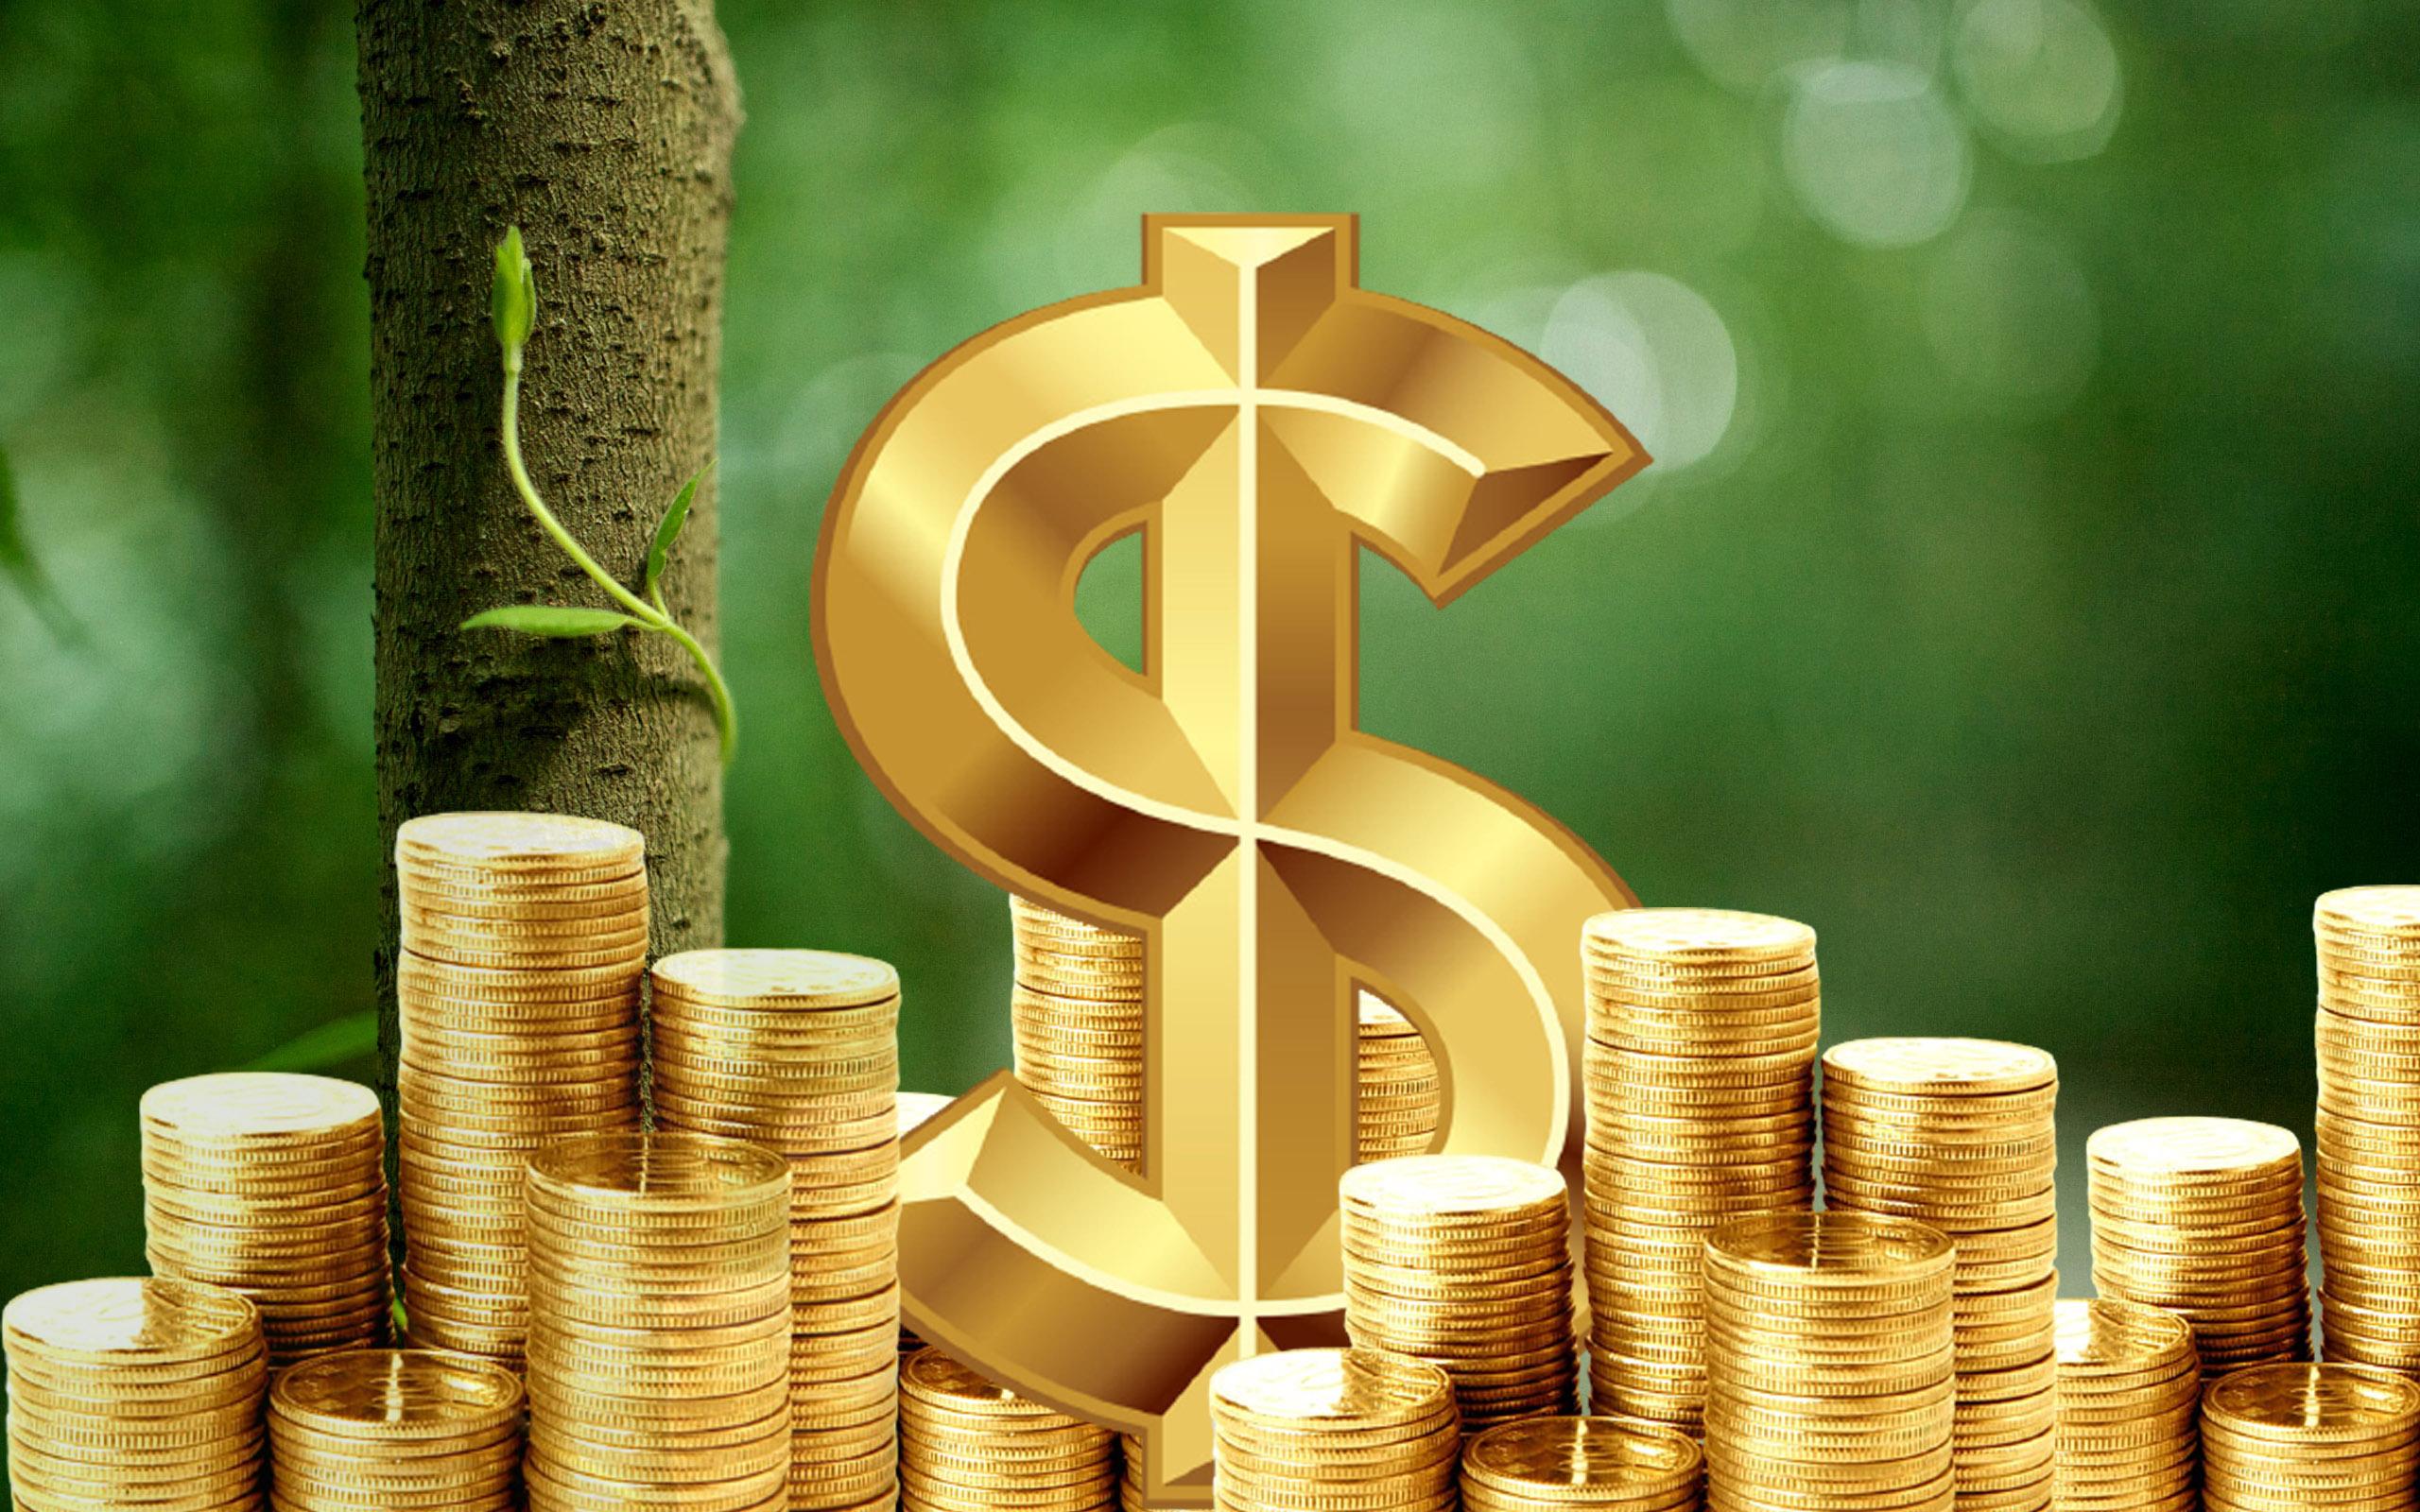 Daftar dan maen dengan uang asli